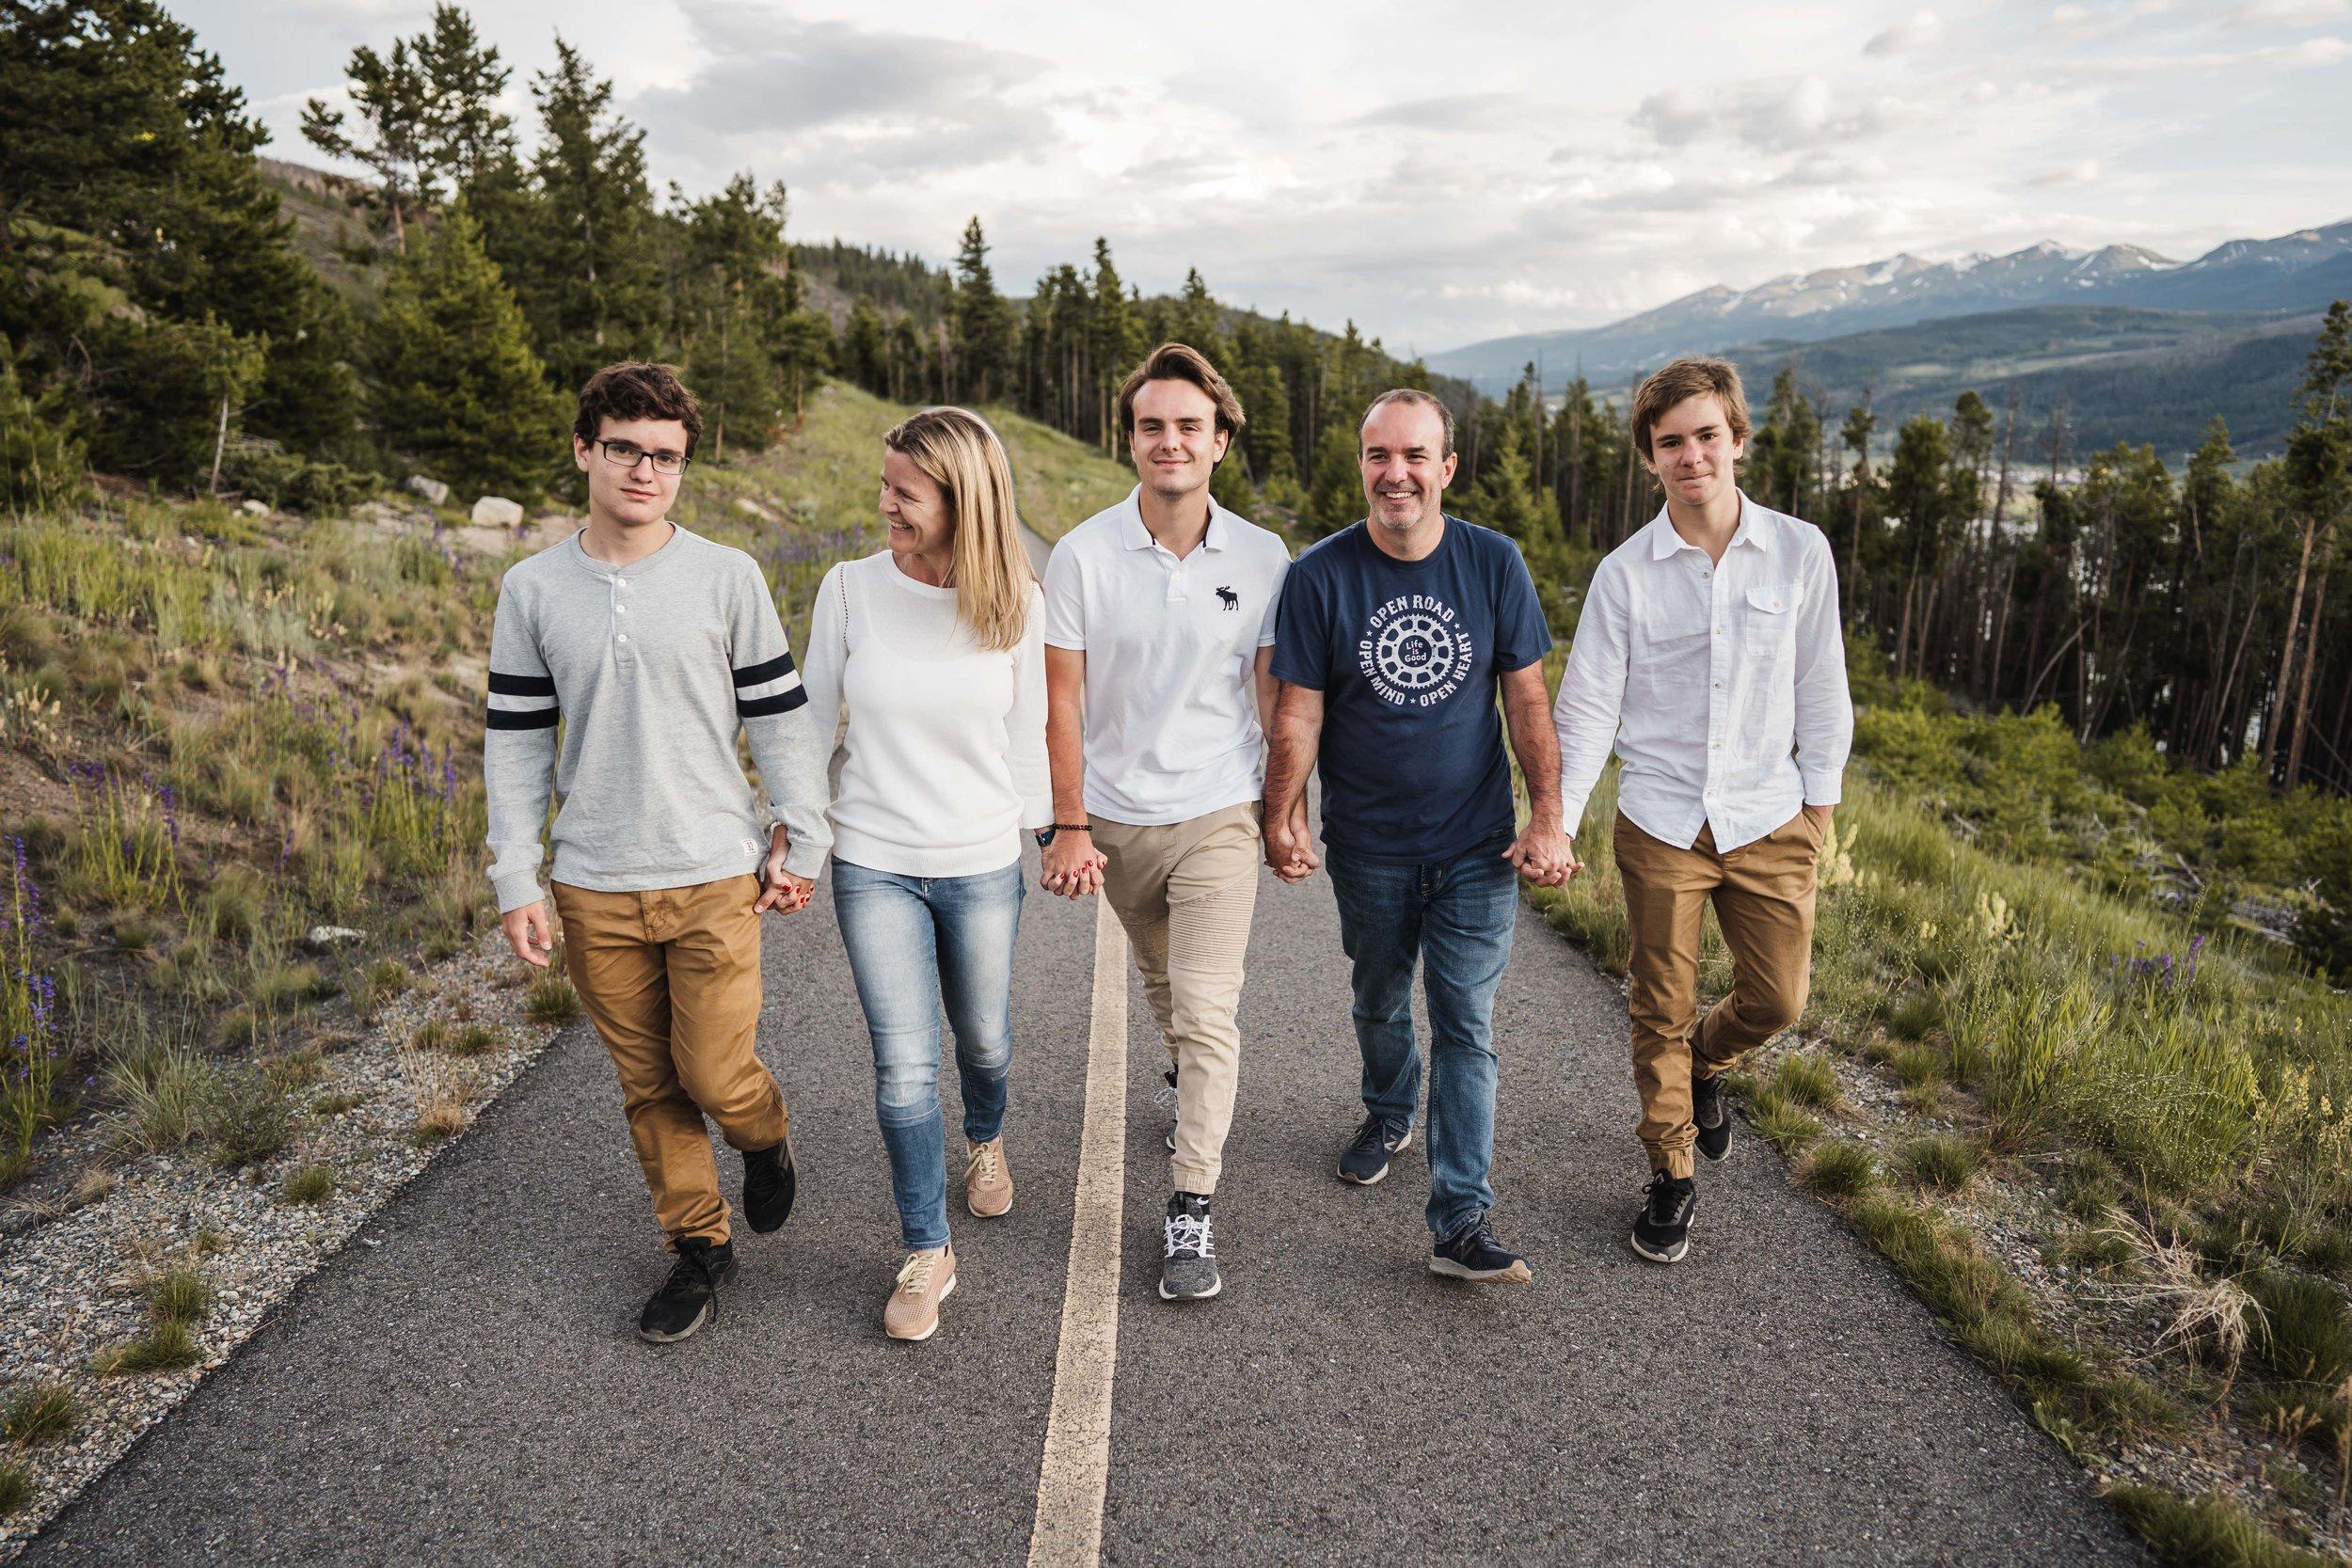 denver-family-photographer-in-breckenridge-mountains-DSD01241.jpg